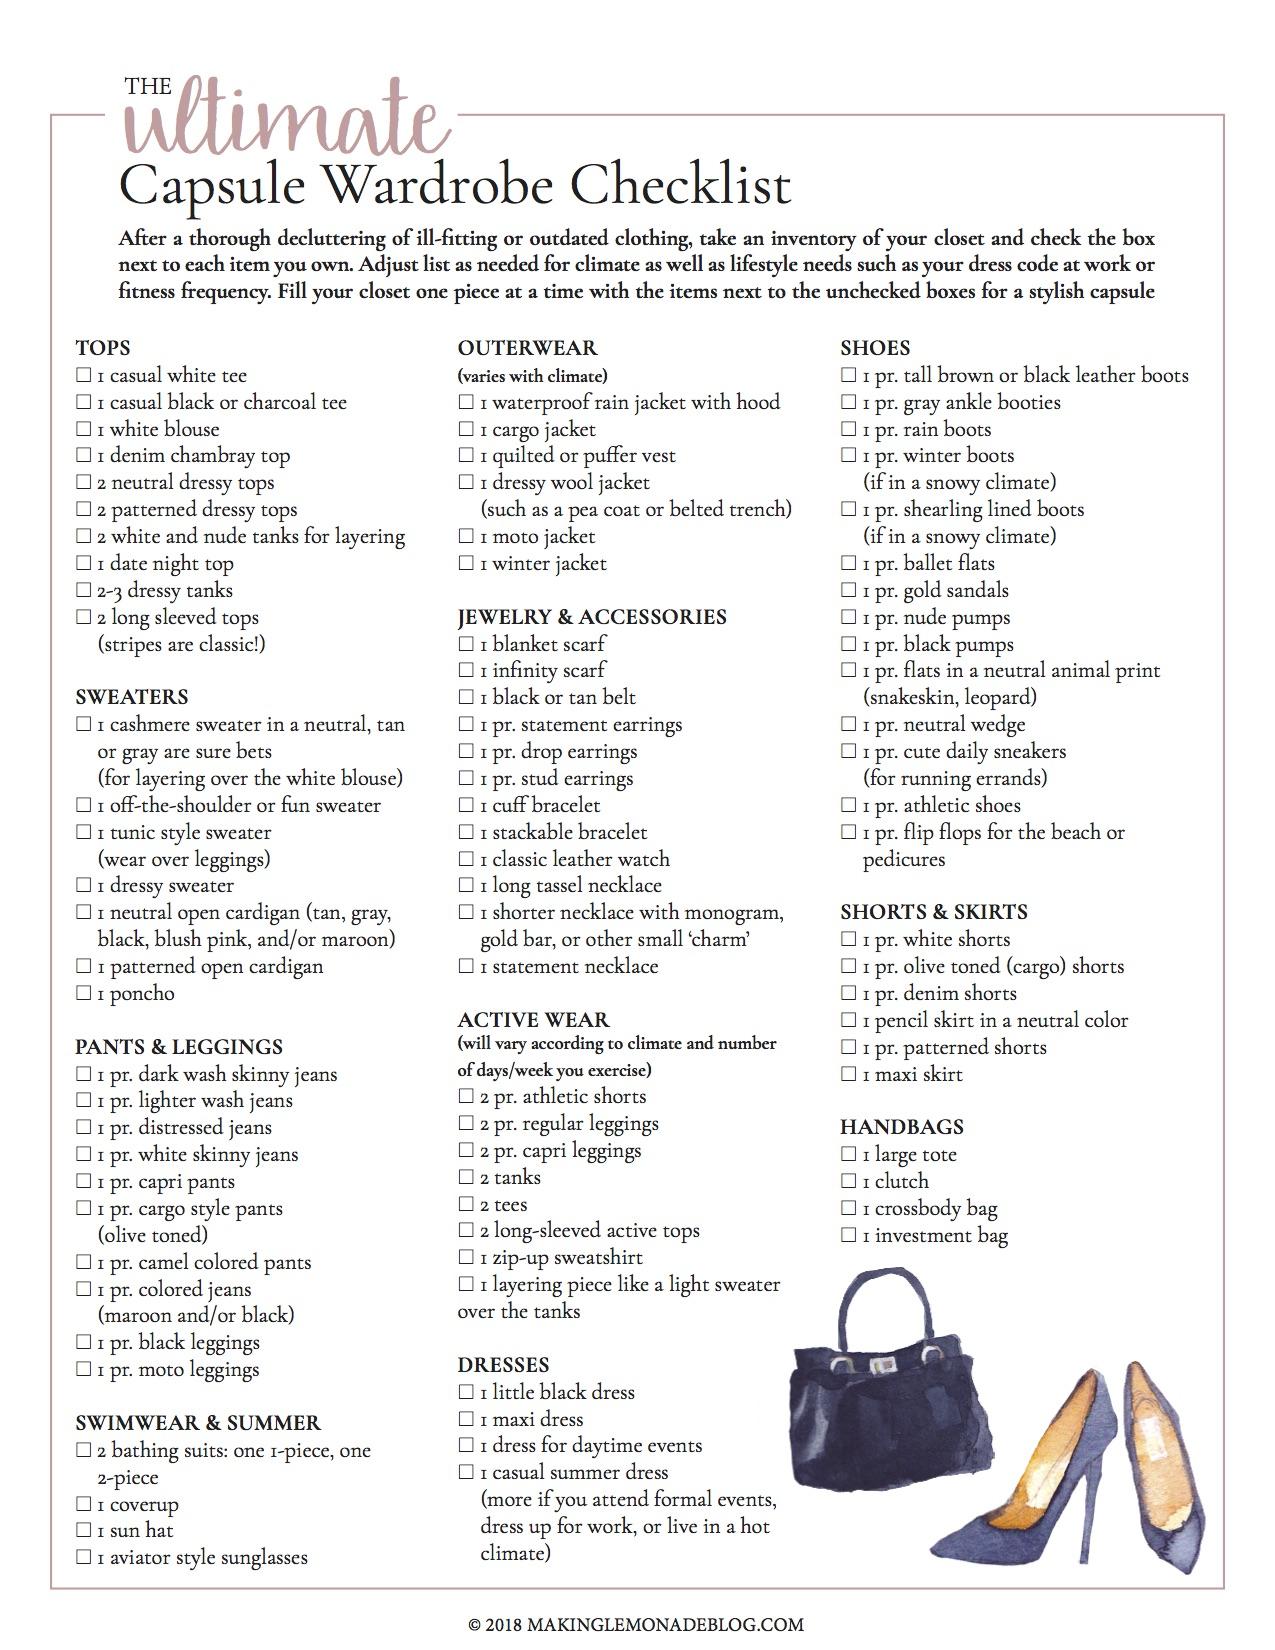 Free Printable Capsule Wardrobe Checklist